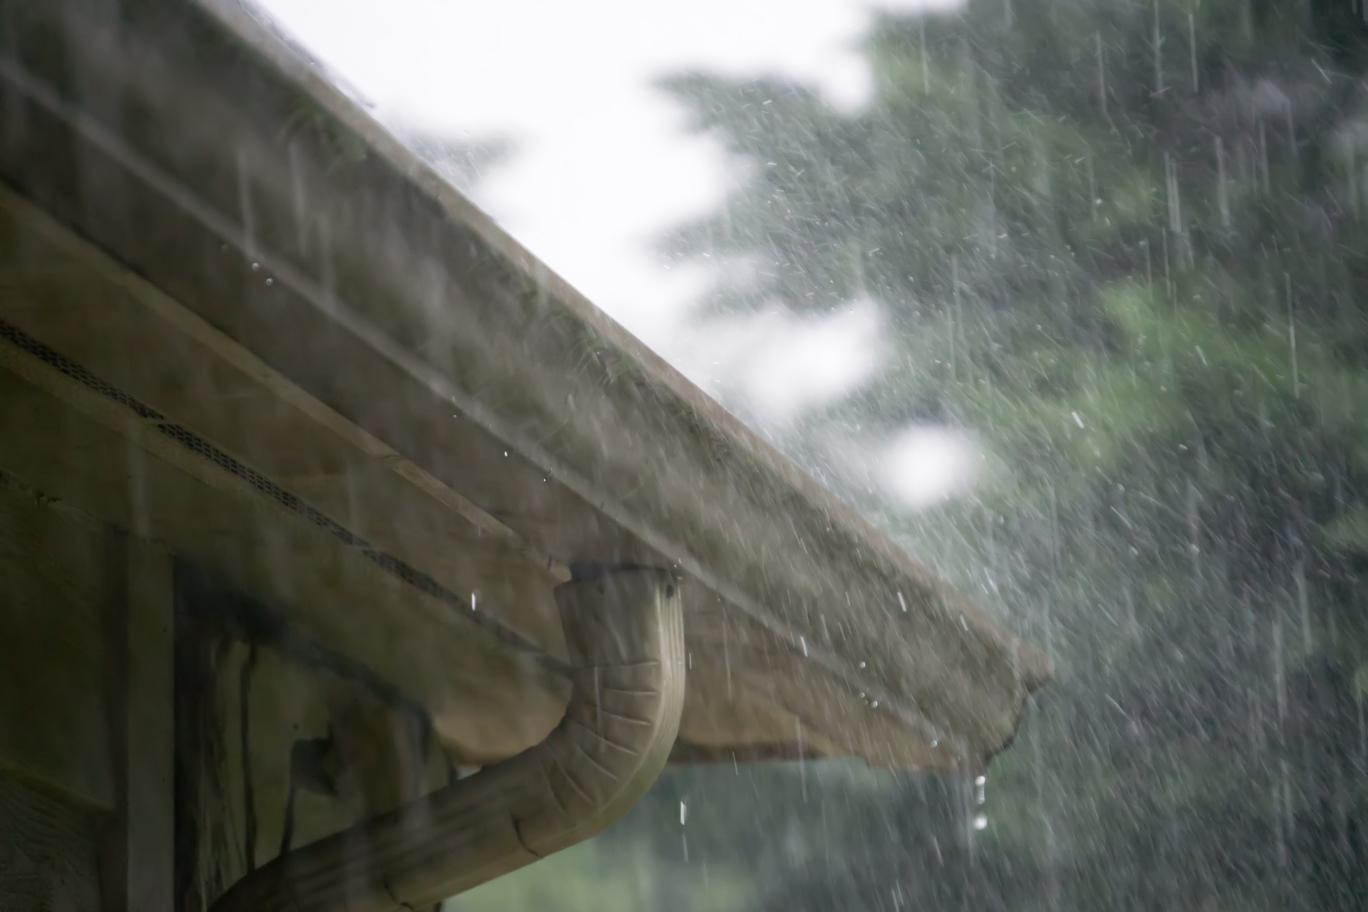 Rain dripping down seamless gutter system